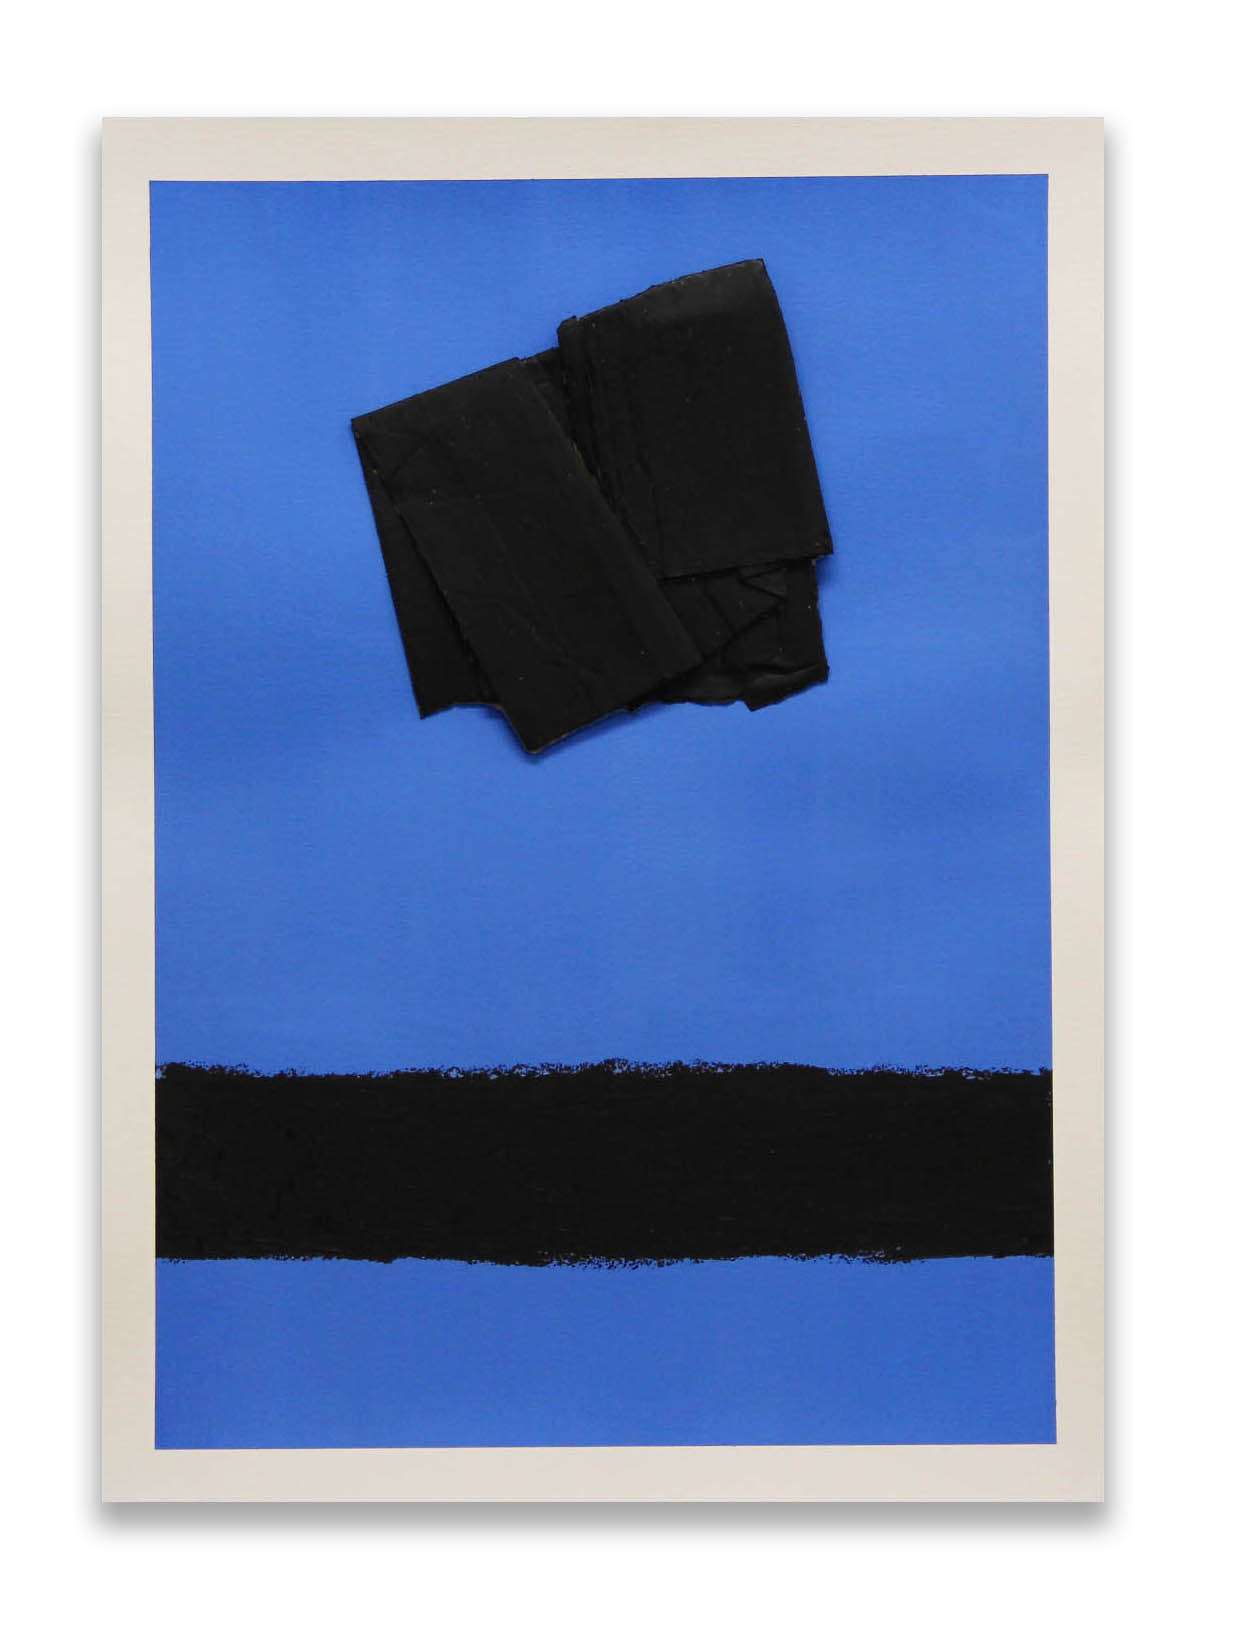 Black Pathway  - 2017  Pigmento acrilico, oil stick e cartone su carta  76 x 56 cm